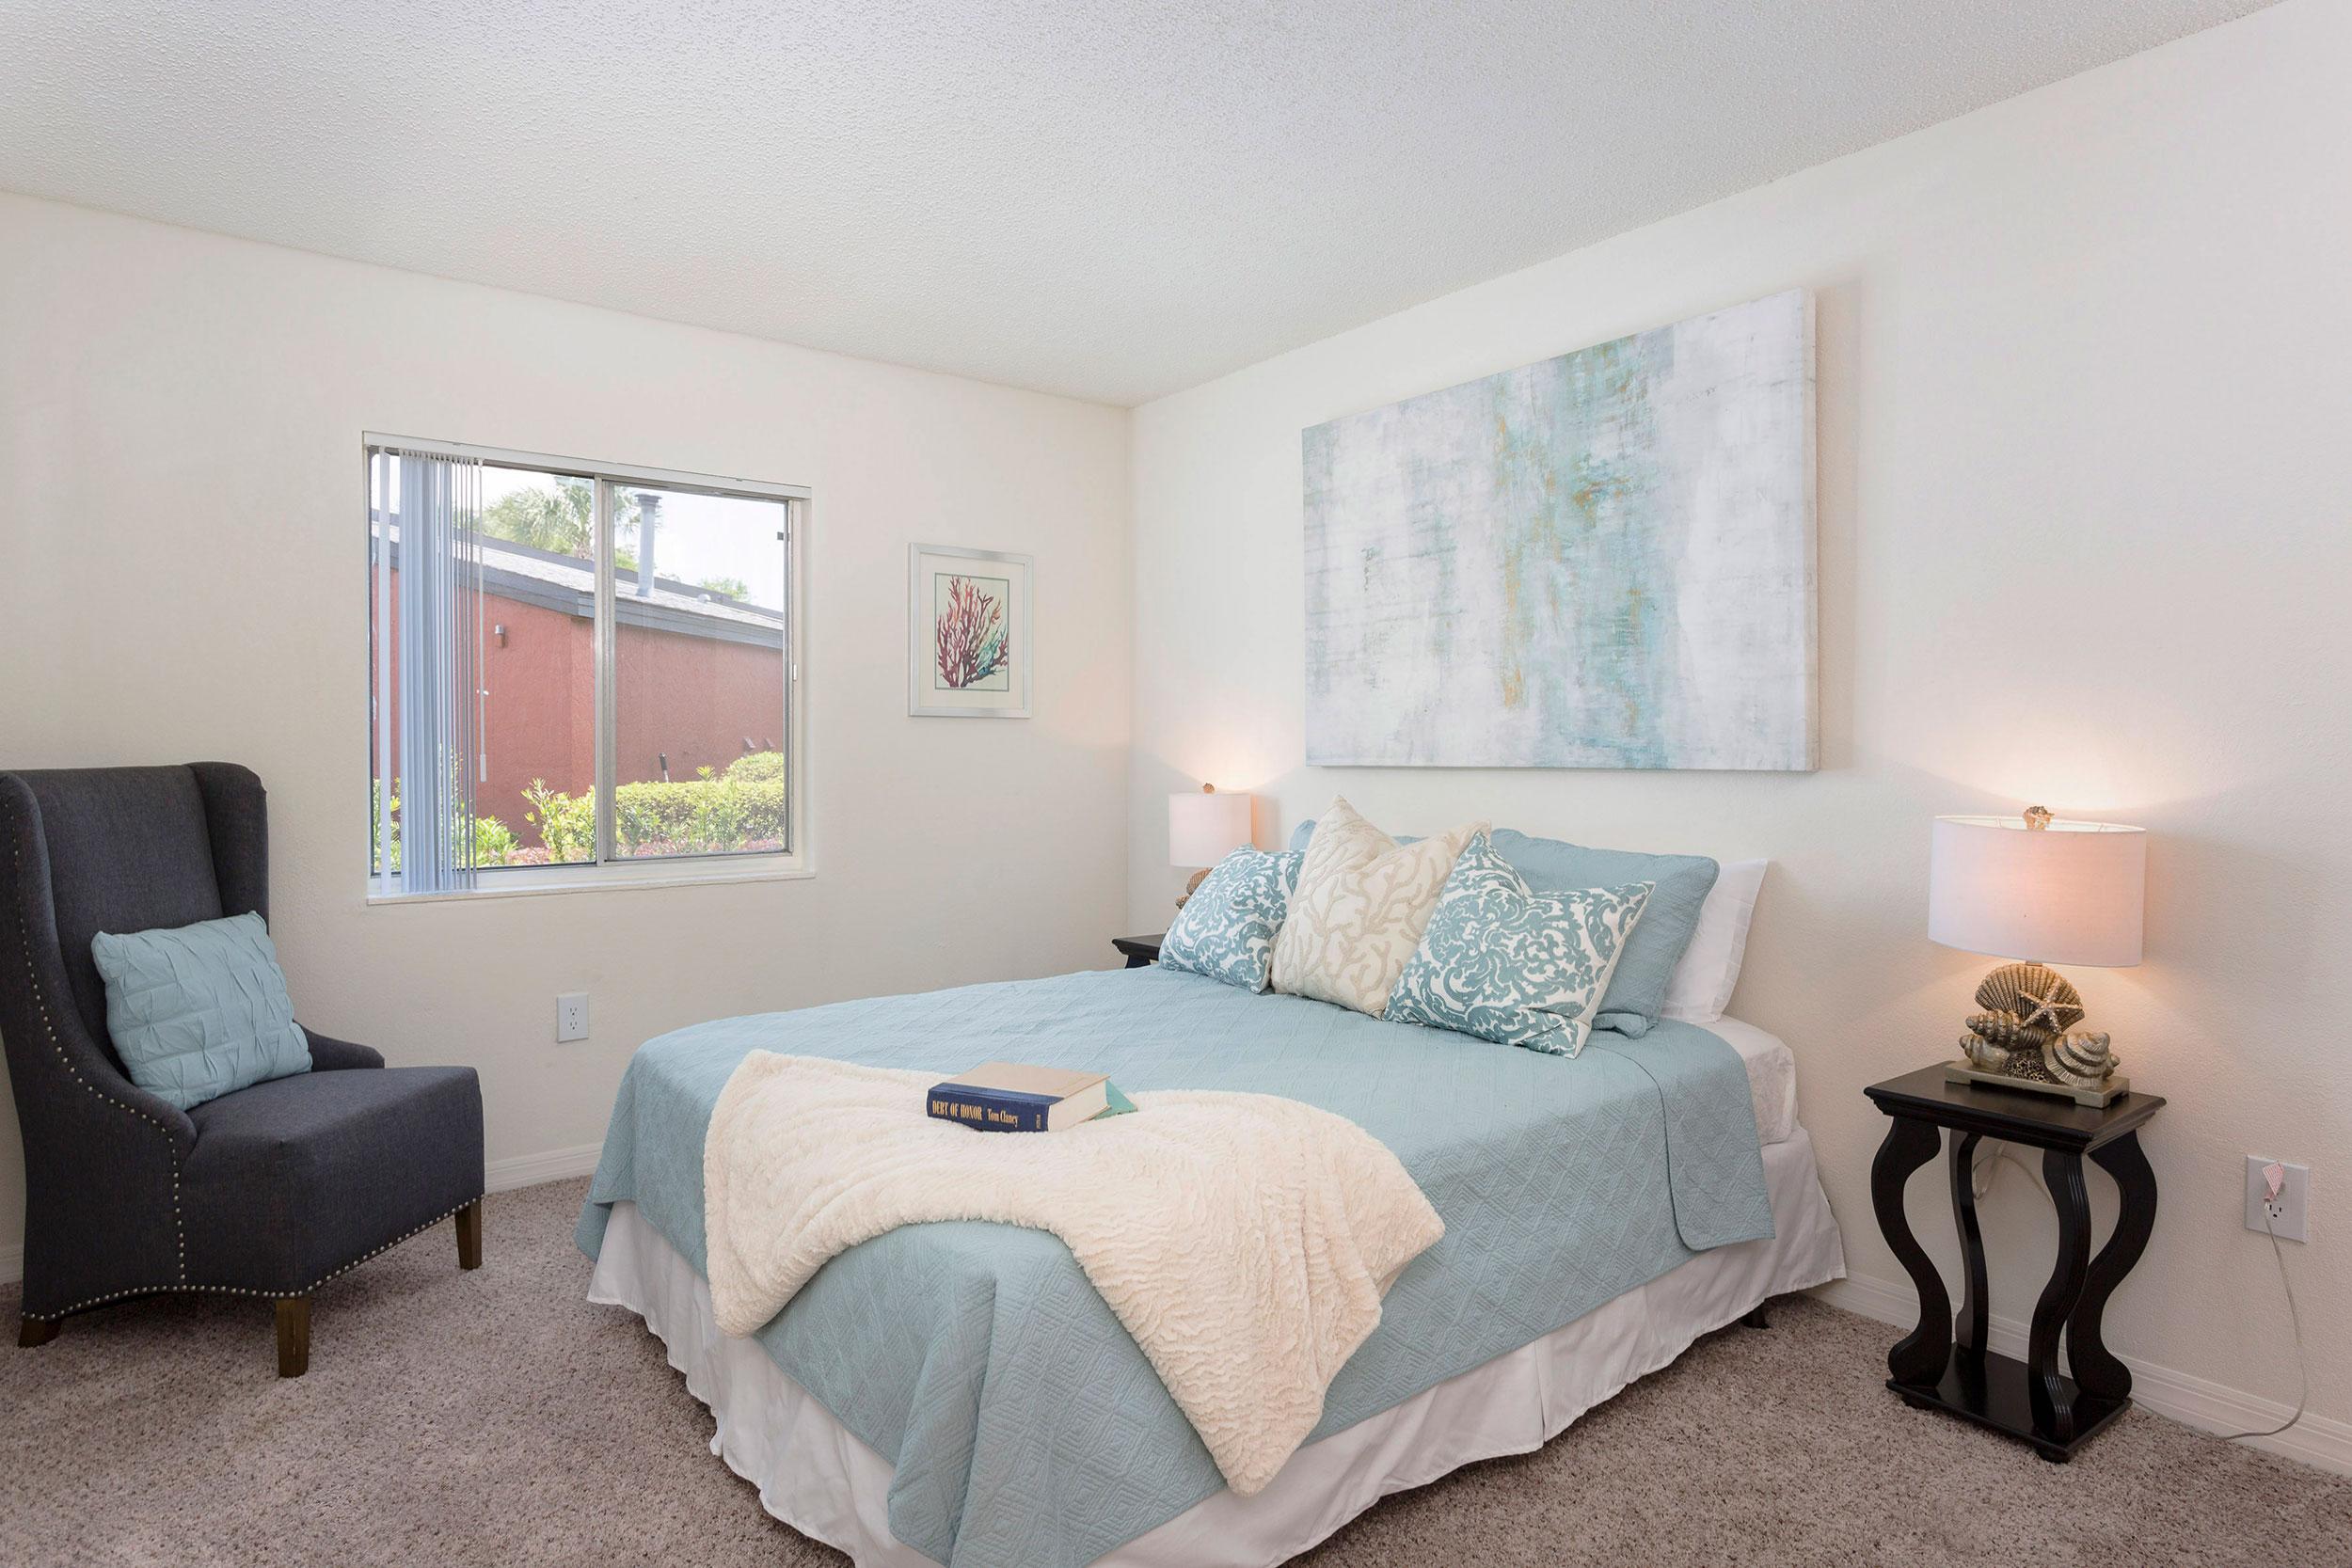 Hb-bedroom